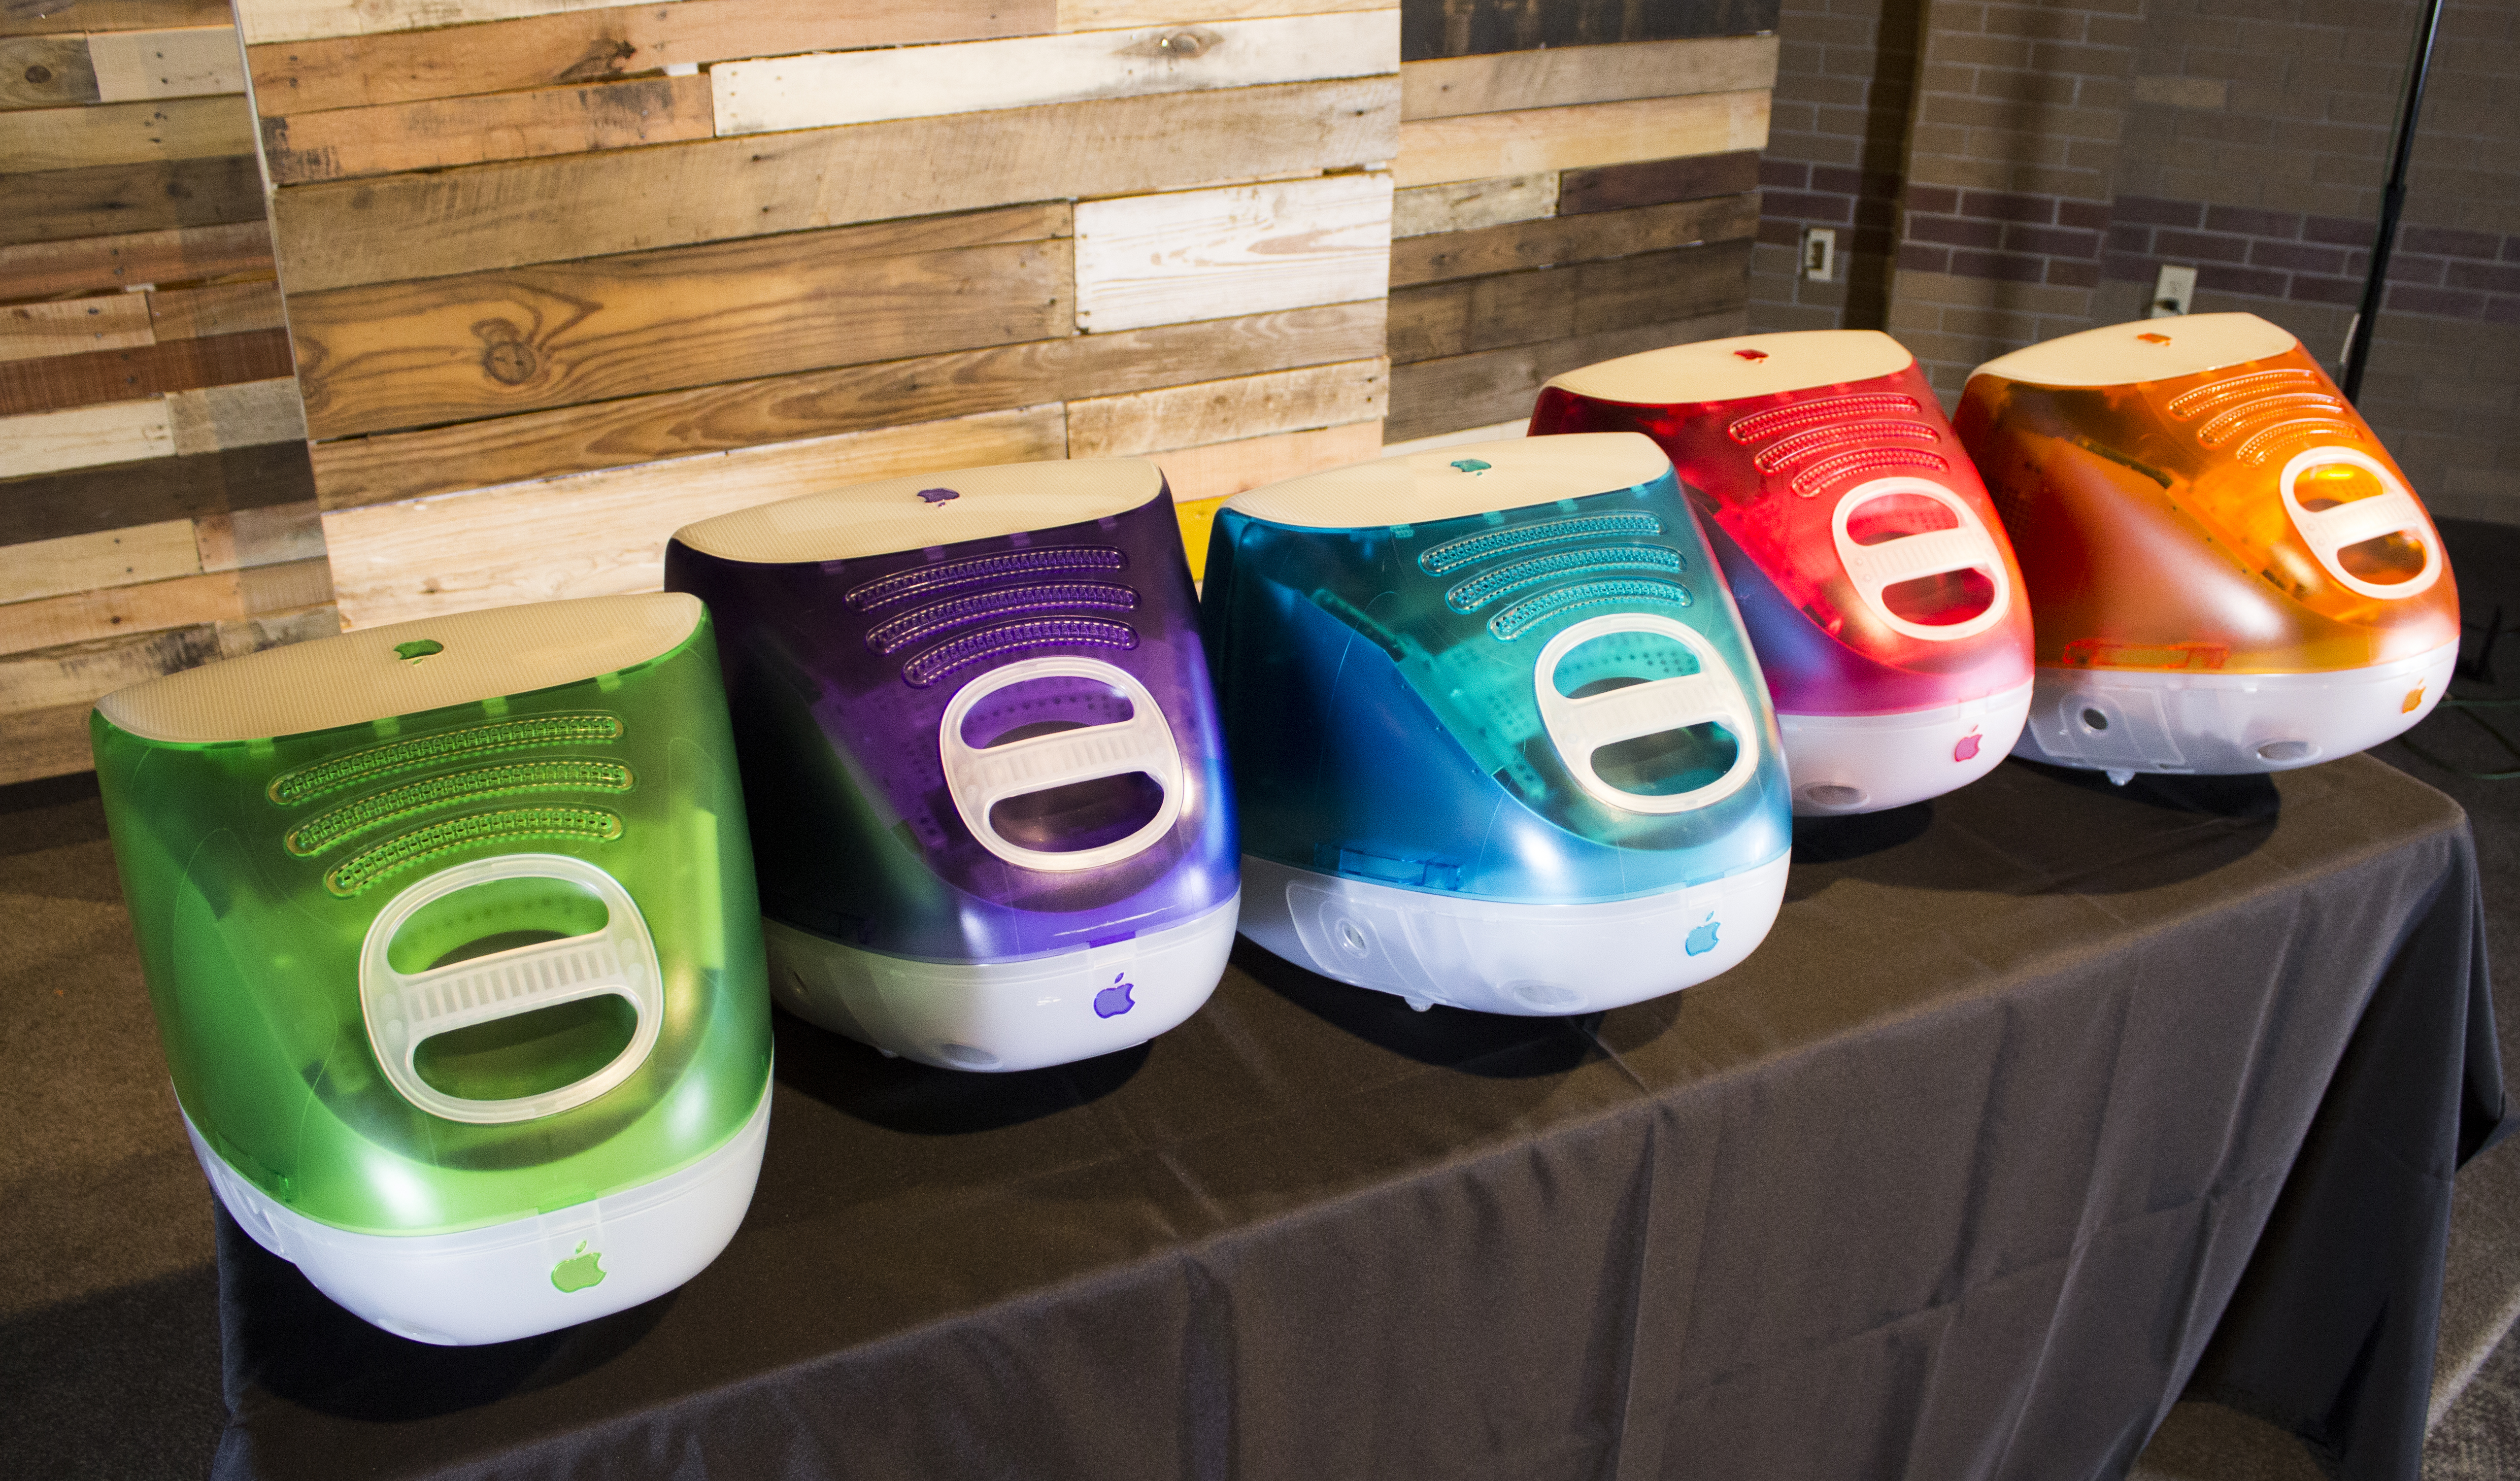 Five Flavor iMacs